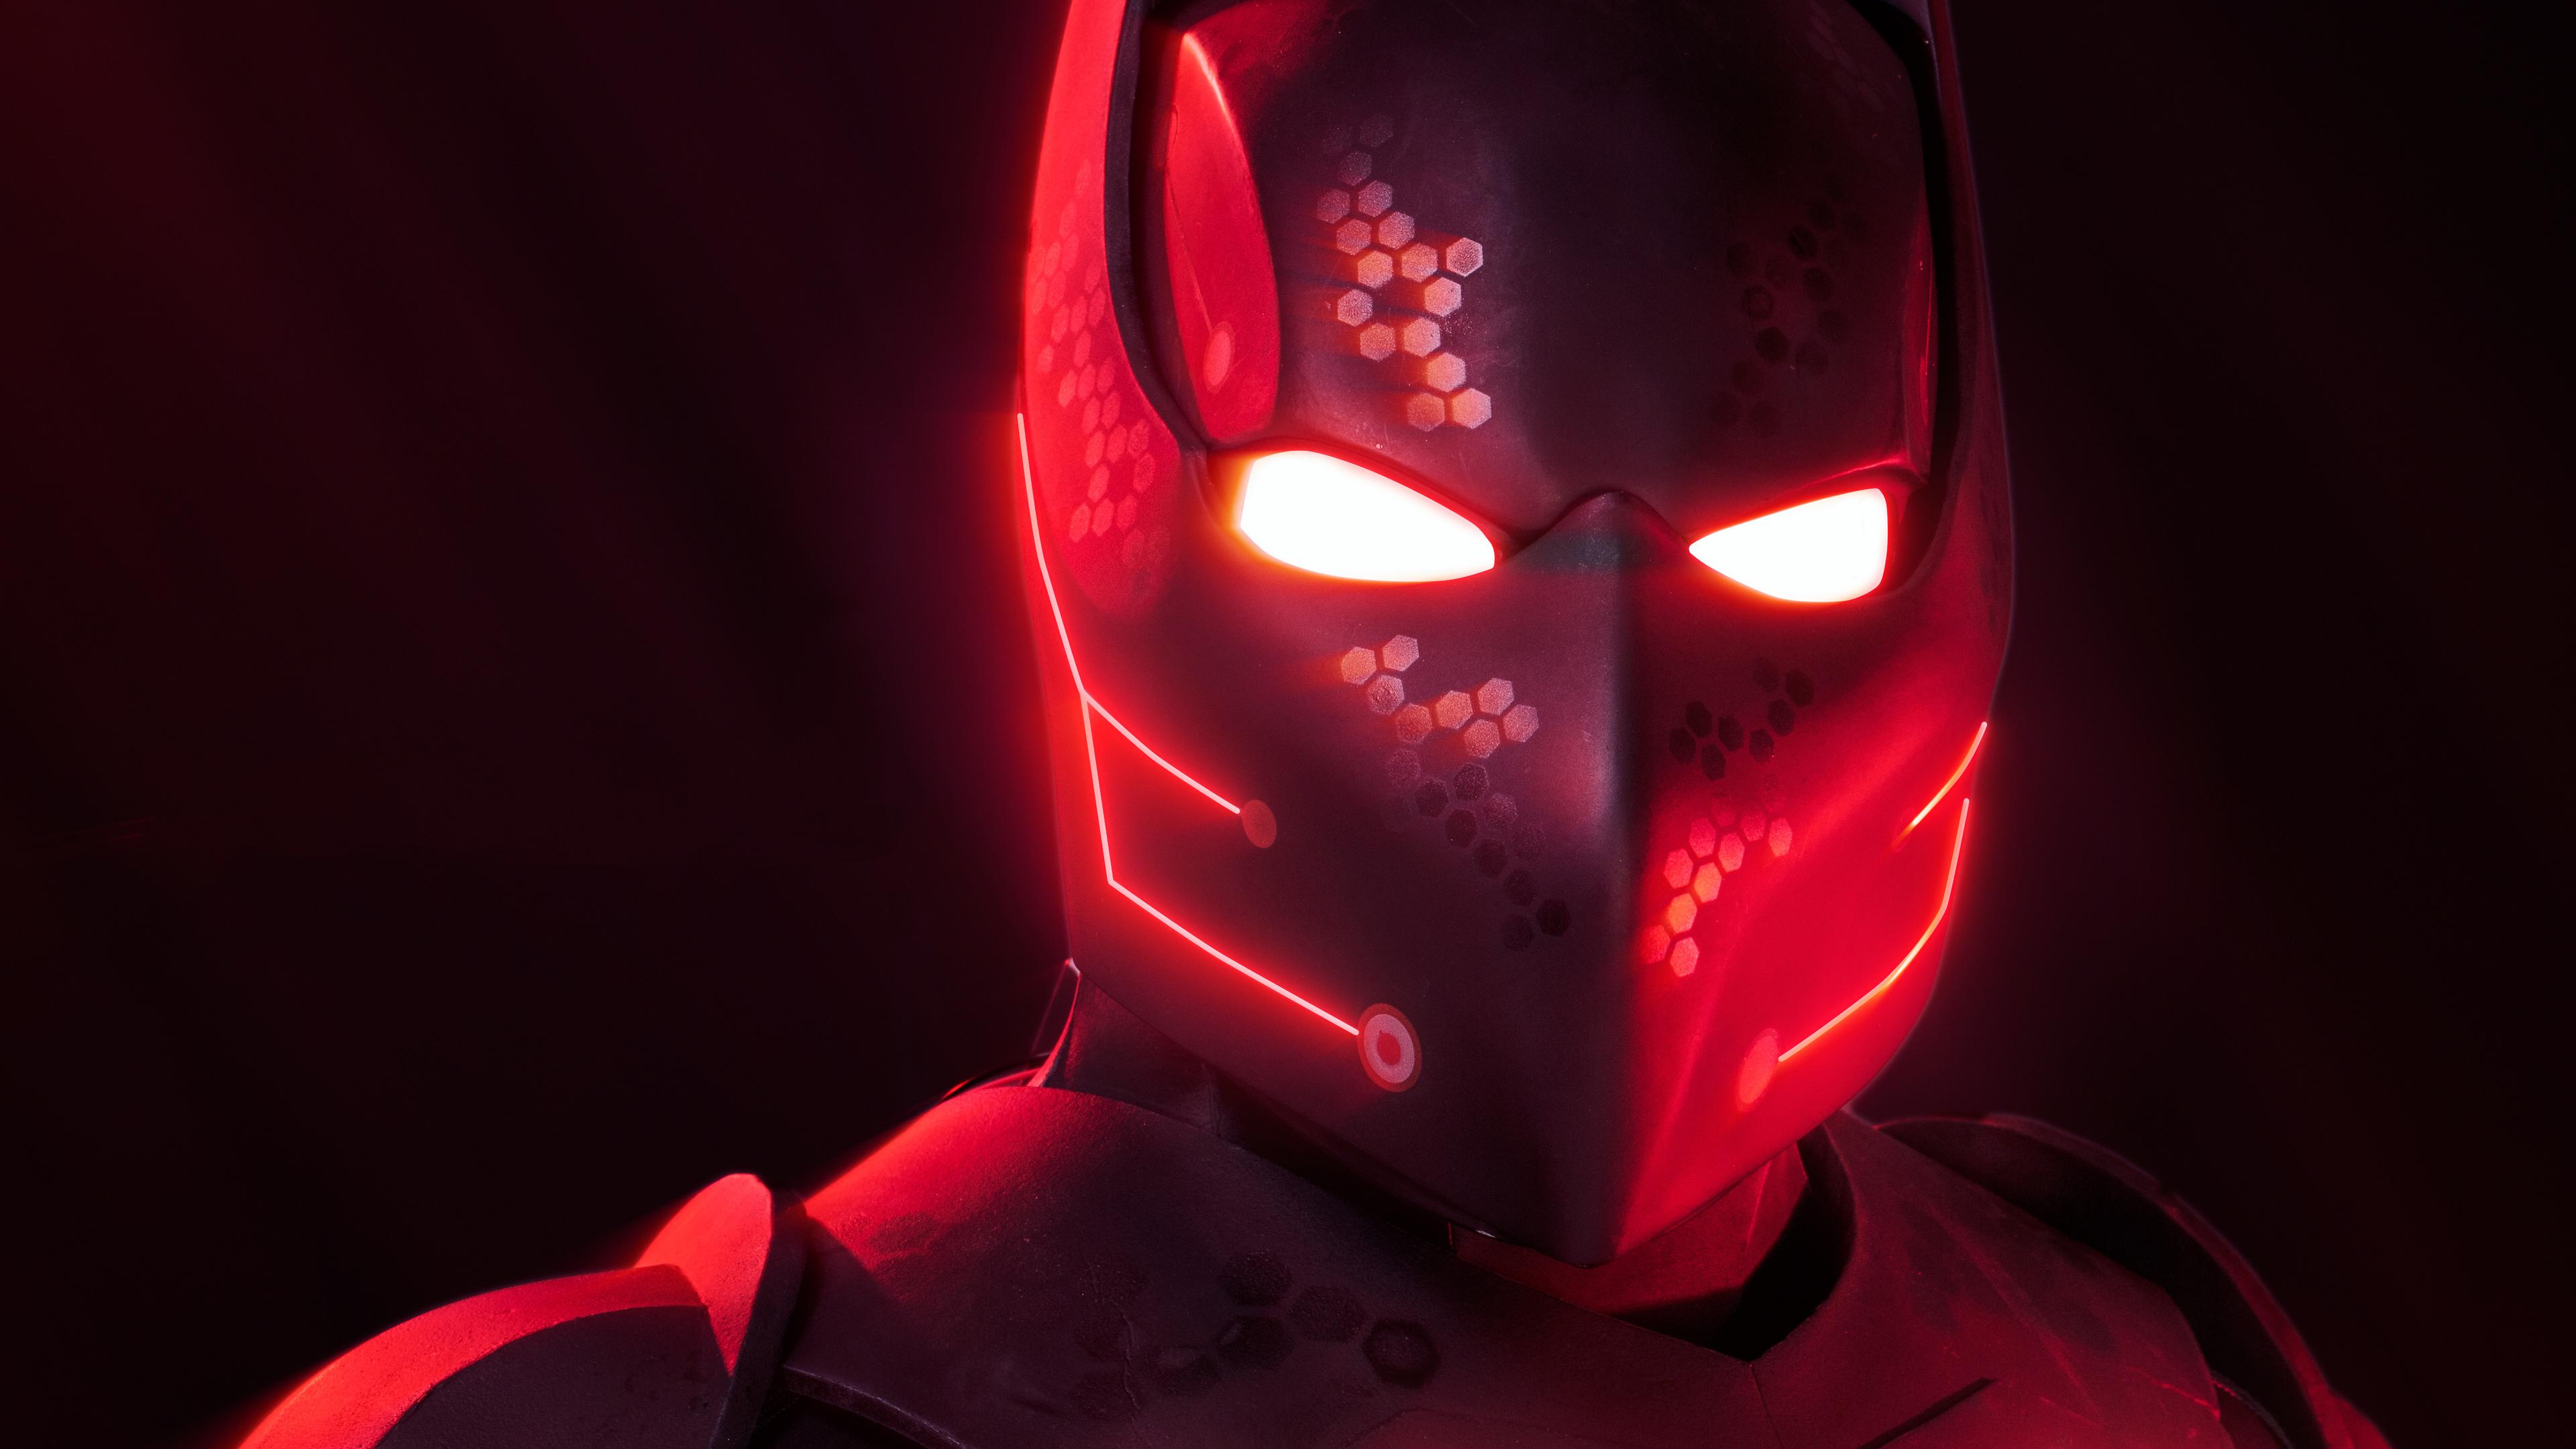 batman beyond cosplay 4k 1556184763 - Batman Beyond Cosplay 4k - superheroes wallpapers, hd-wallpapers, cosplay wallpapers, batman wallpapers, 4k-wallpapers